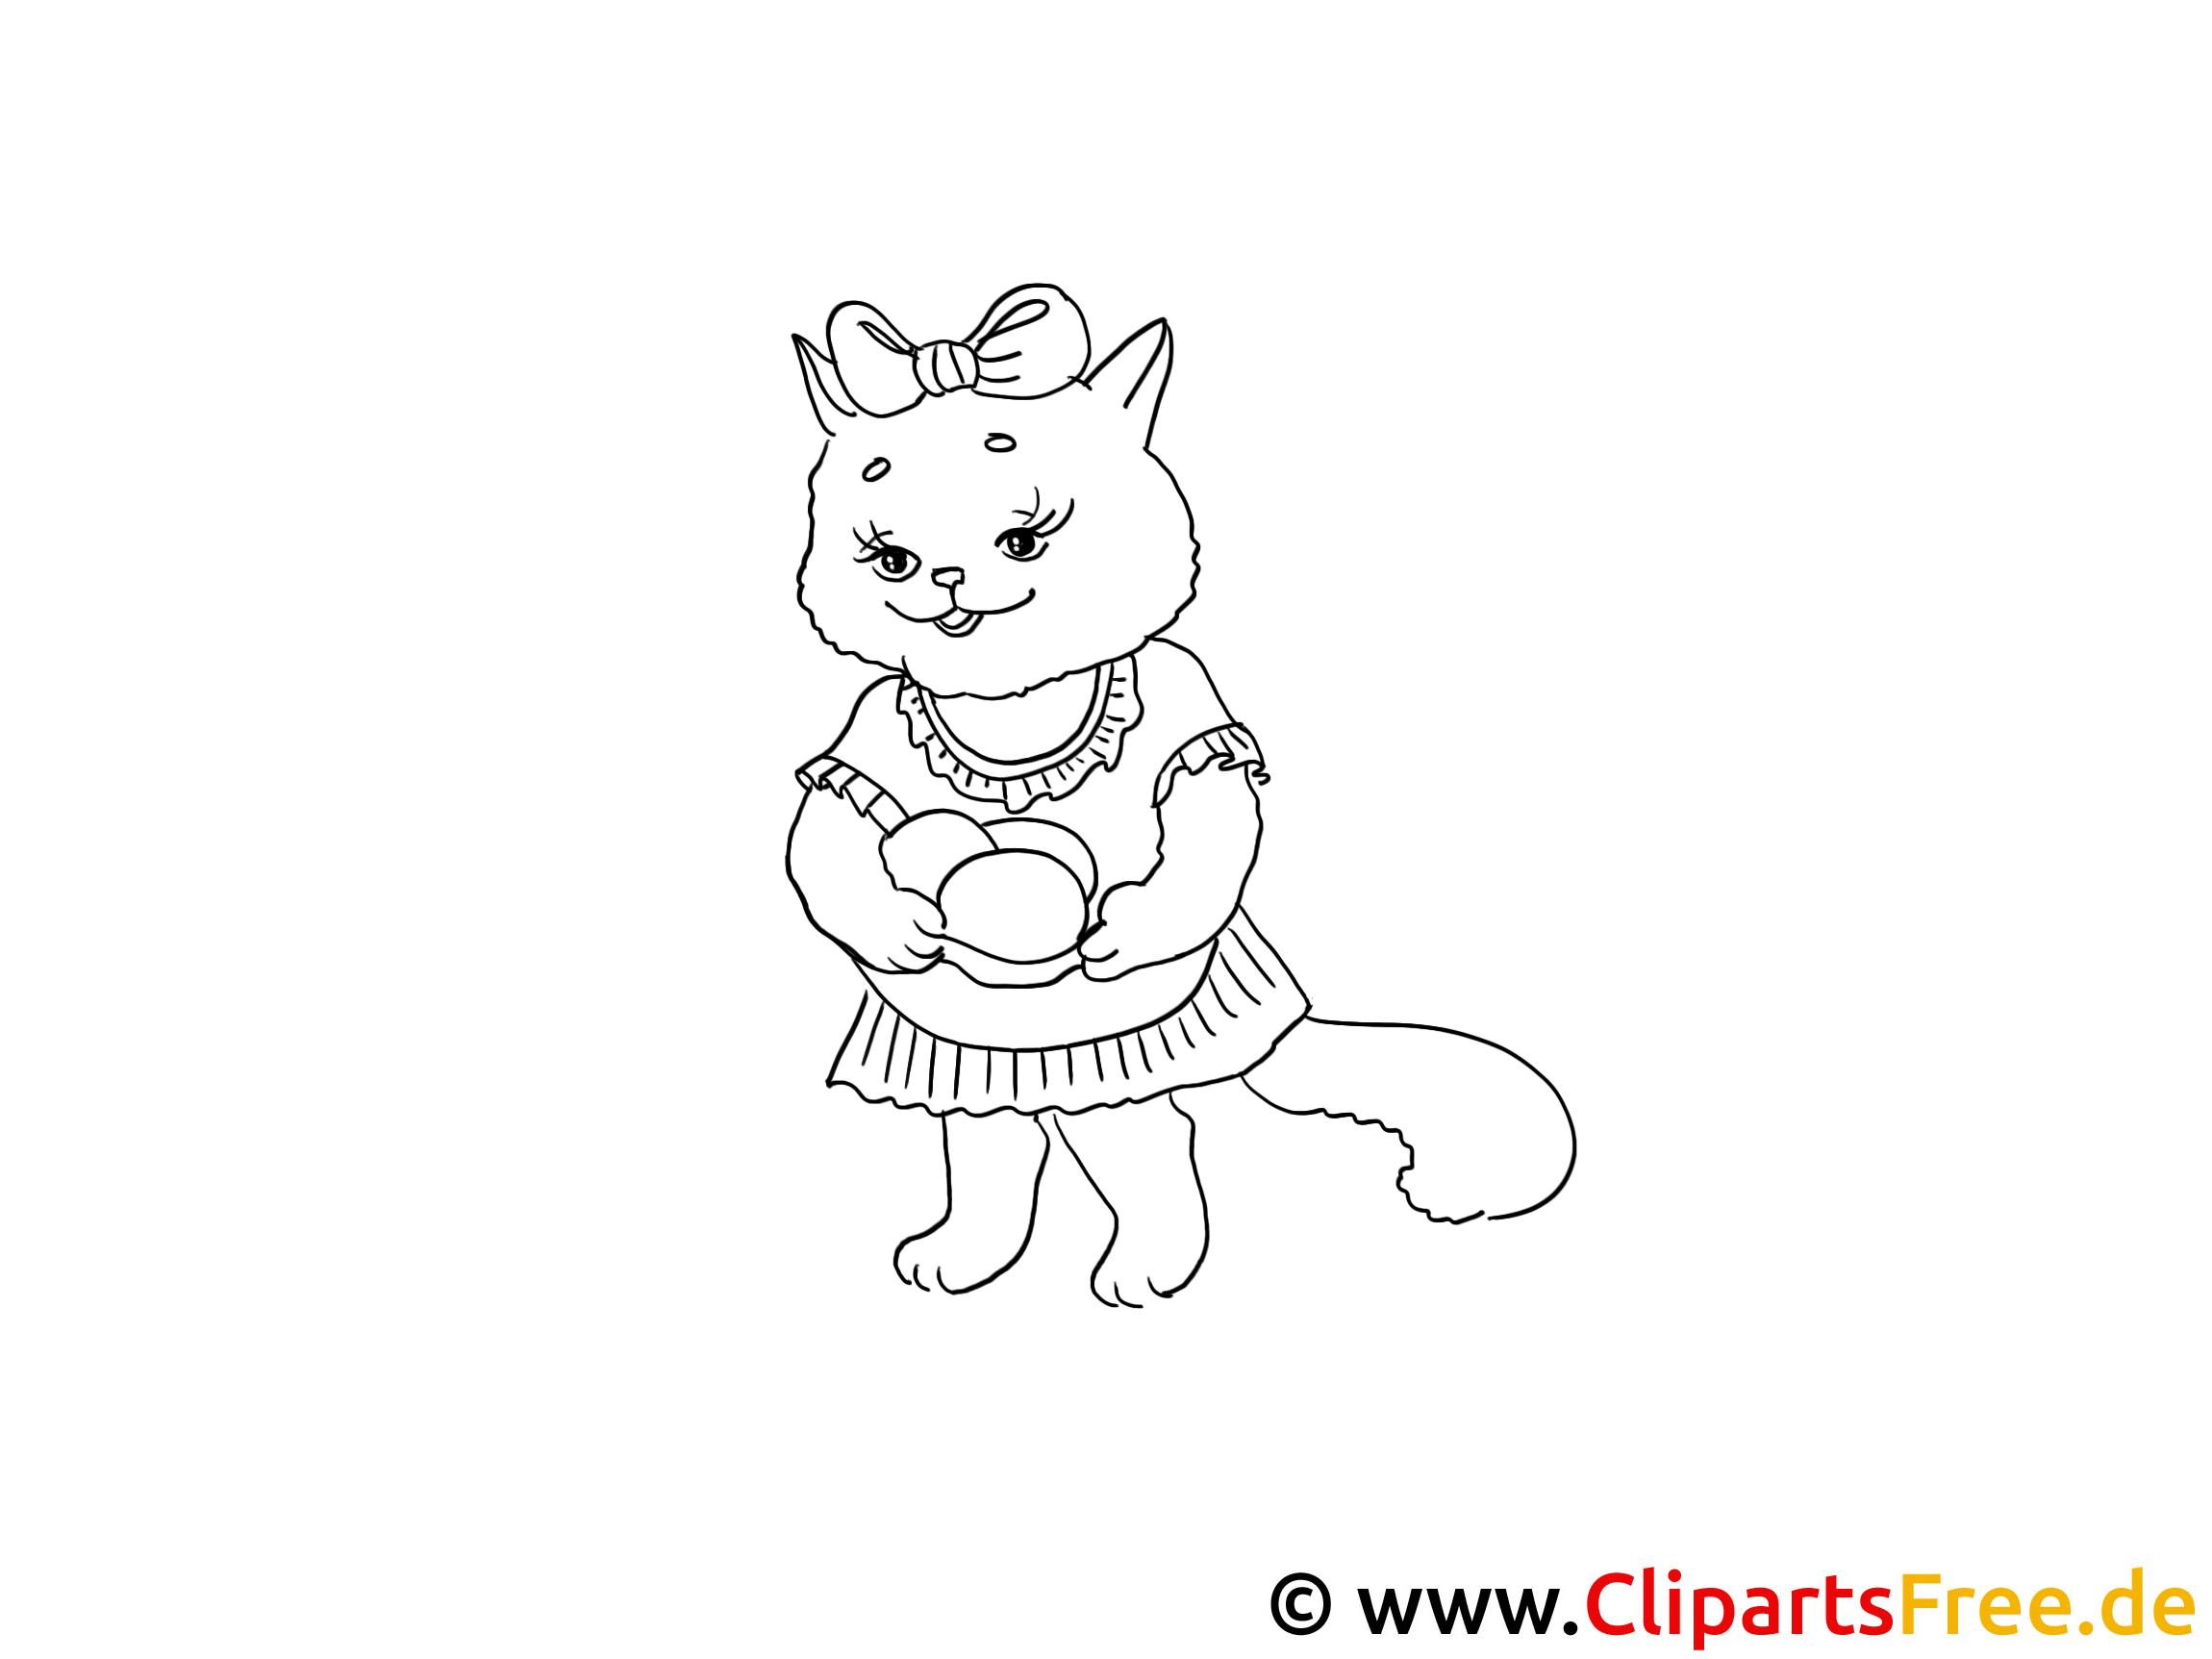 Malvorlage Katze zum Ausmalen